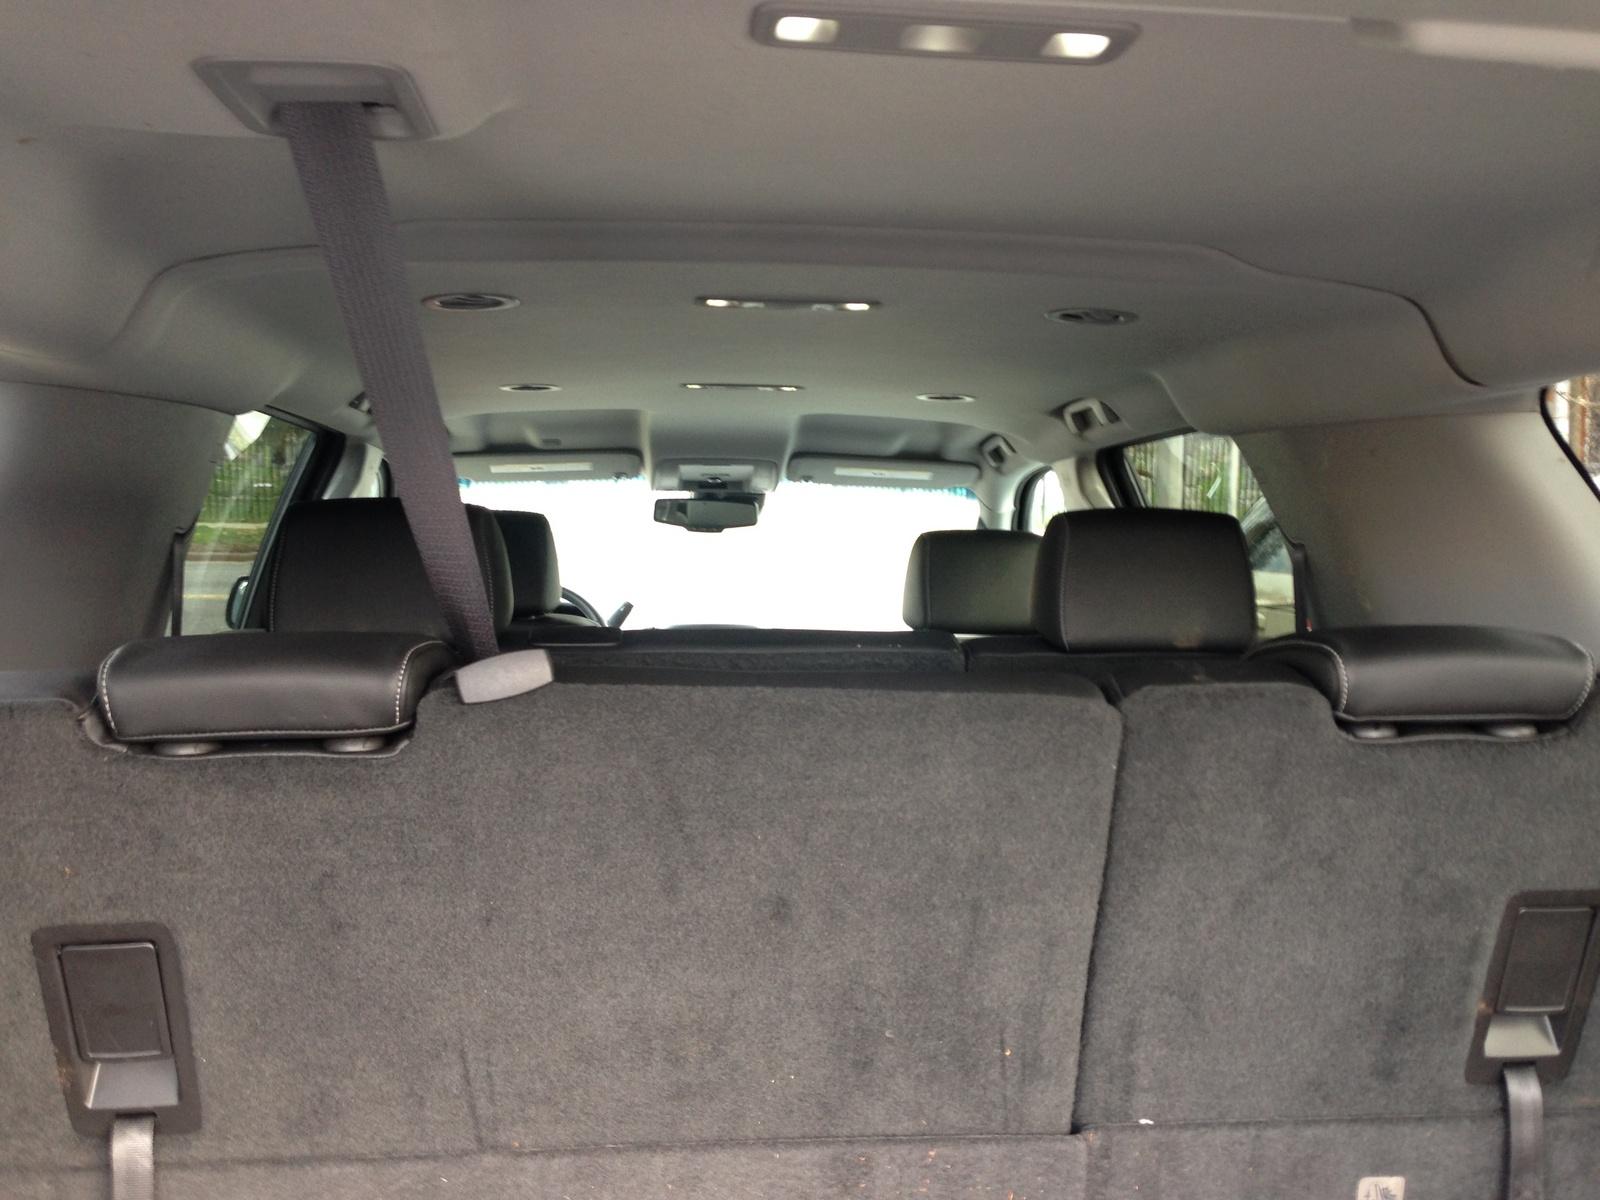 2014 Chevrolet Suburban Interior Pictures Cargurus